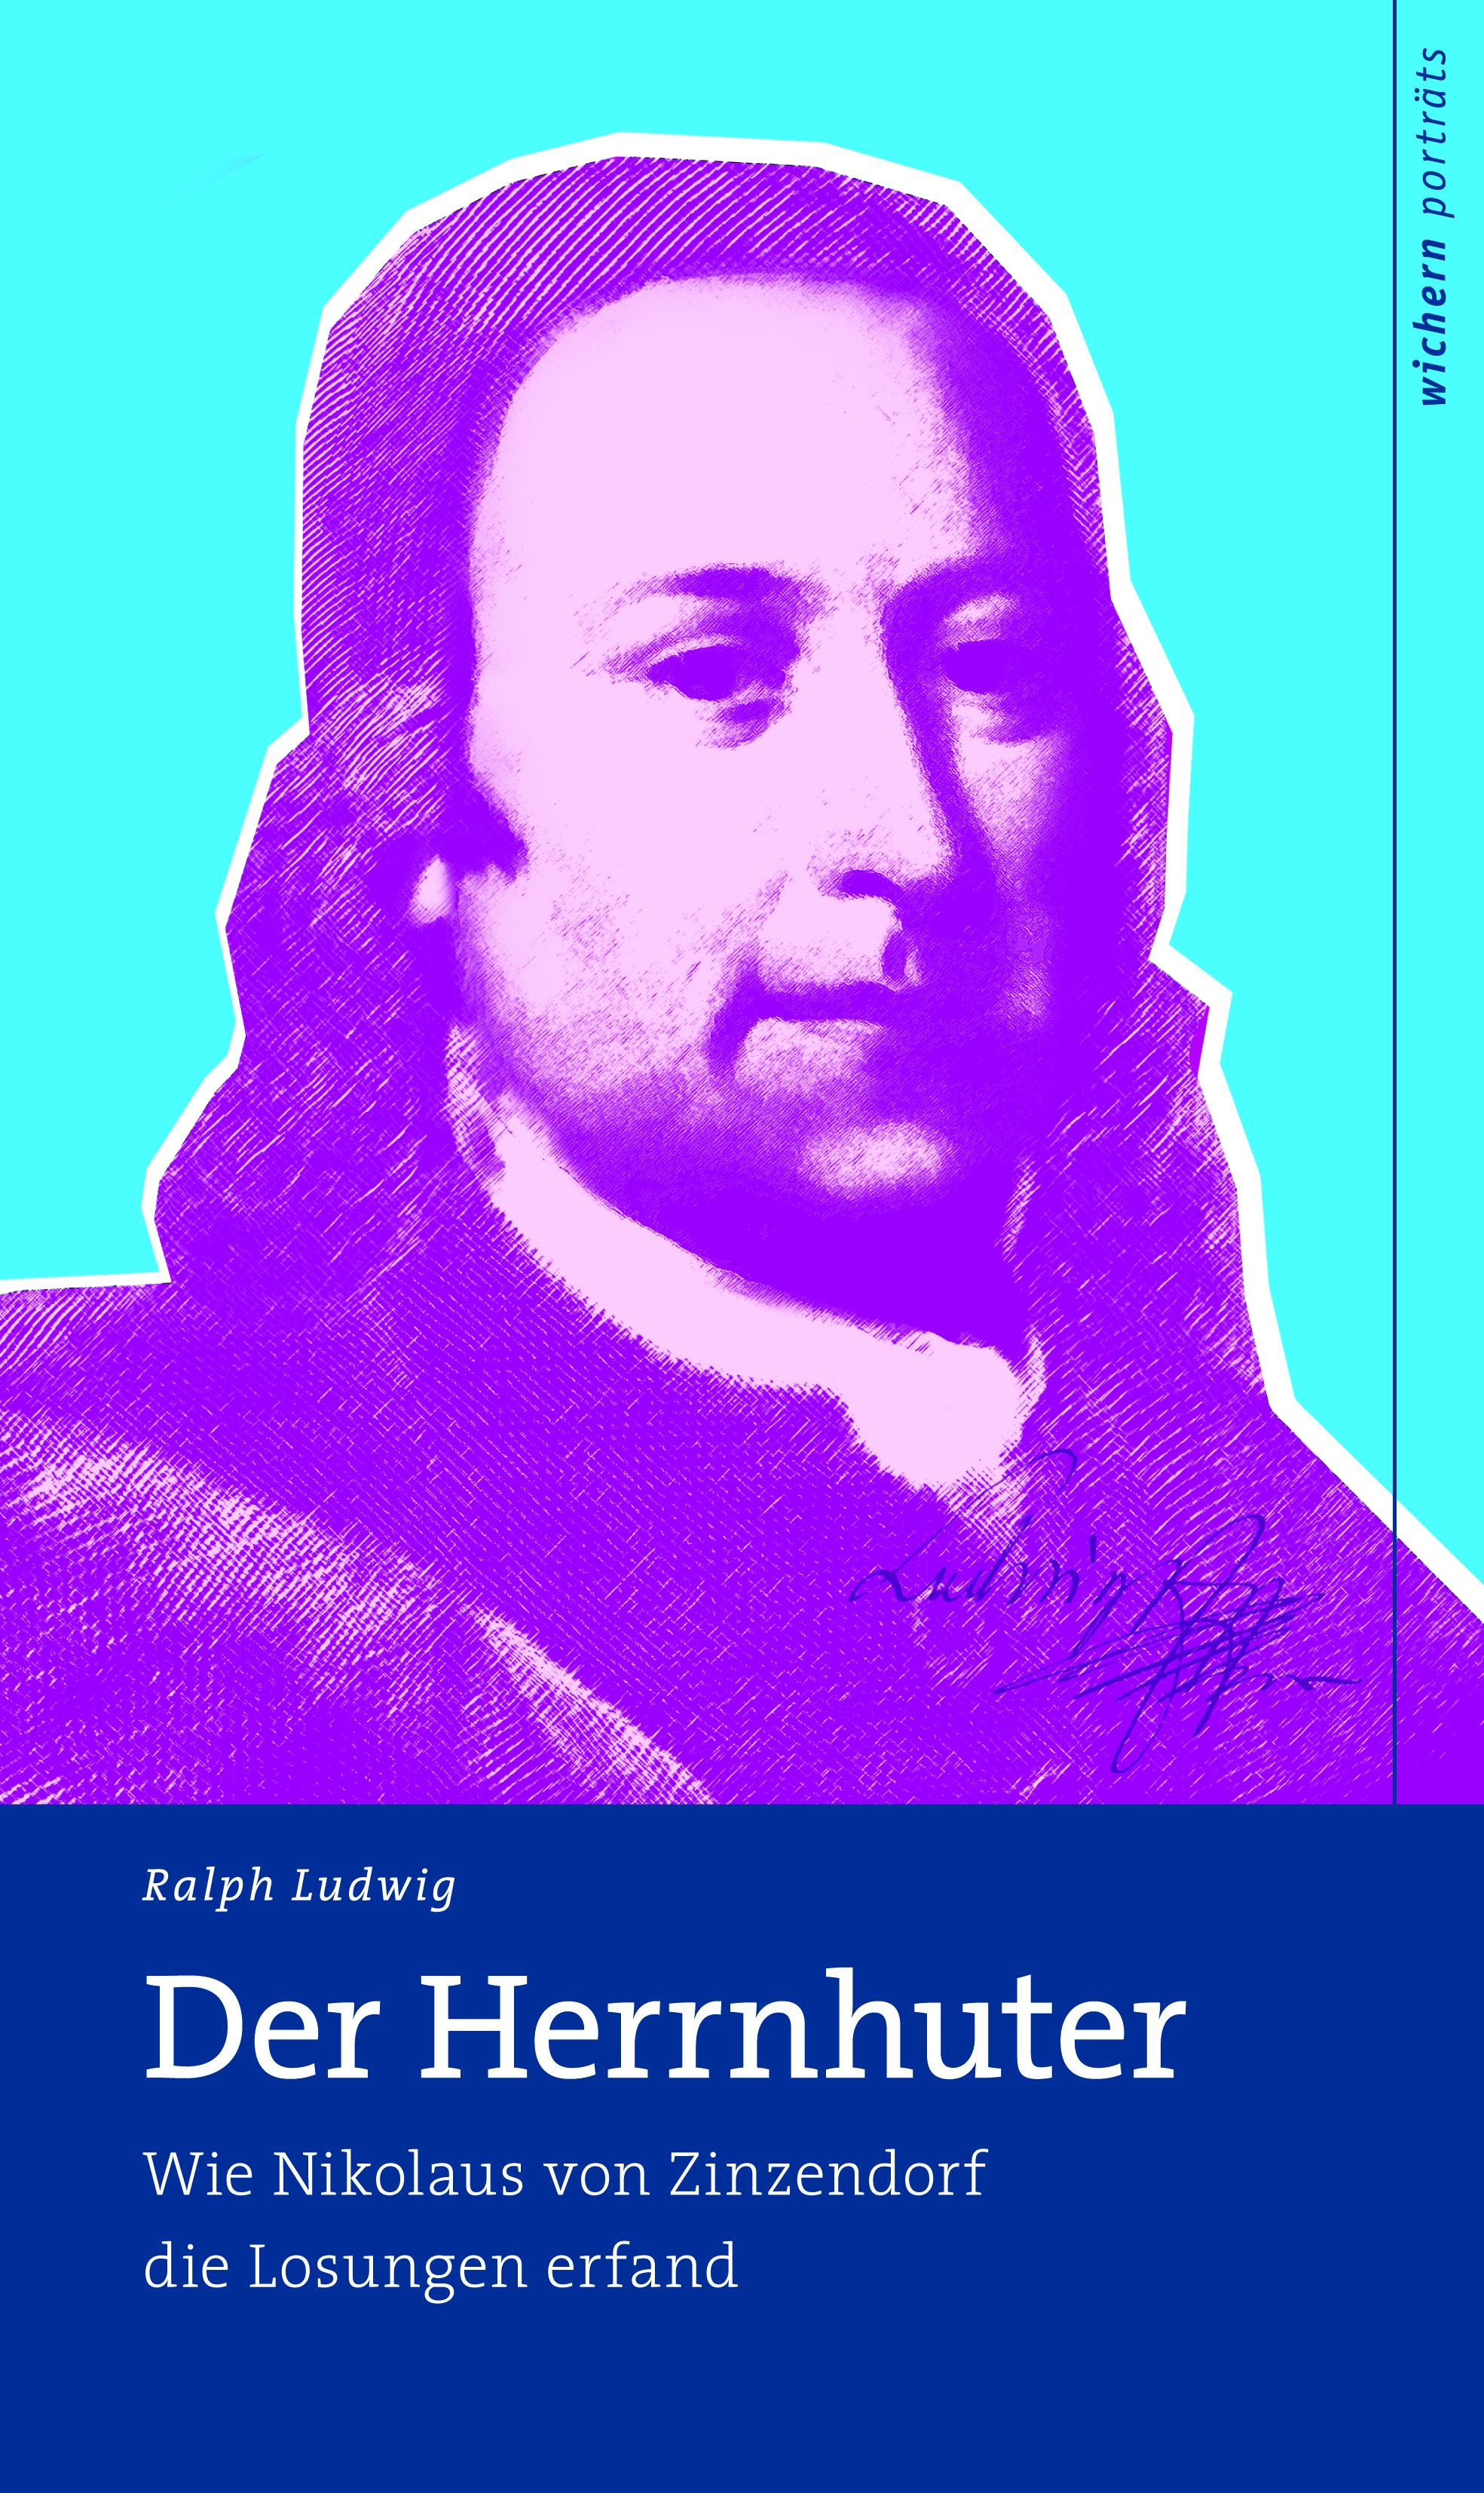 Der Herrnhuter Nikolaus von Zinzendorf